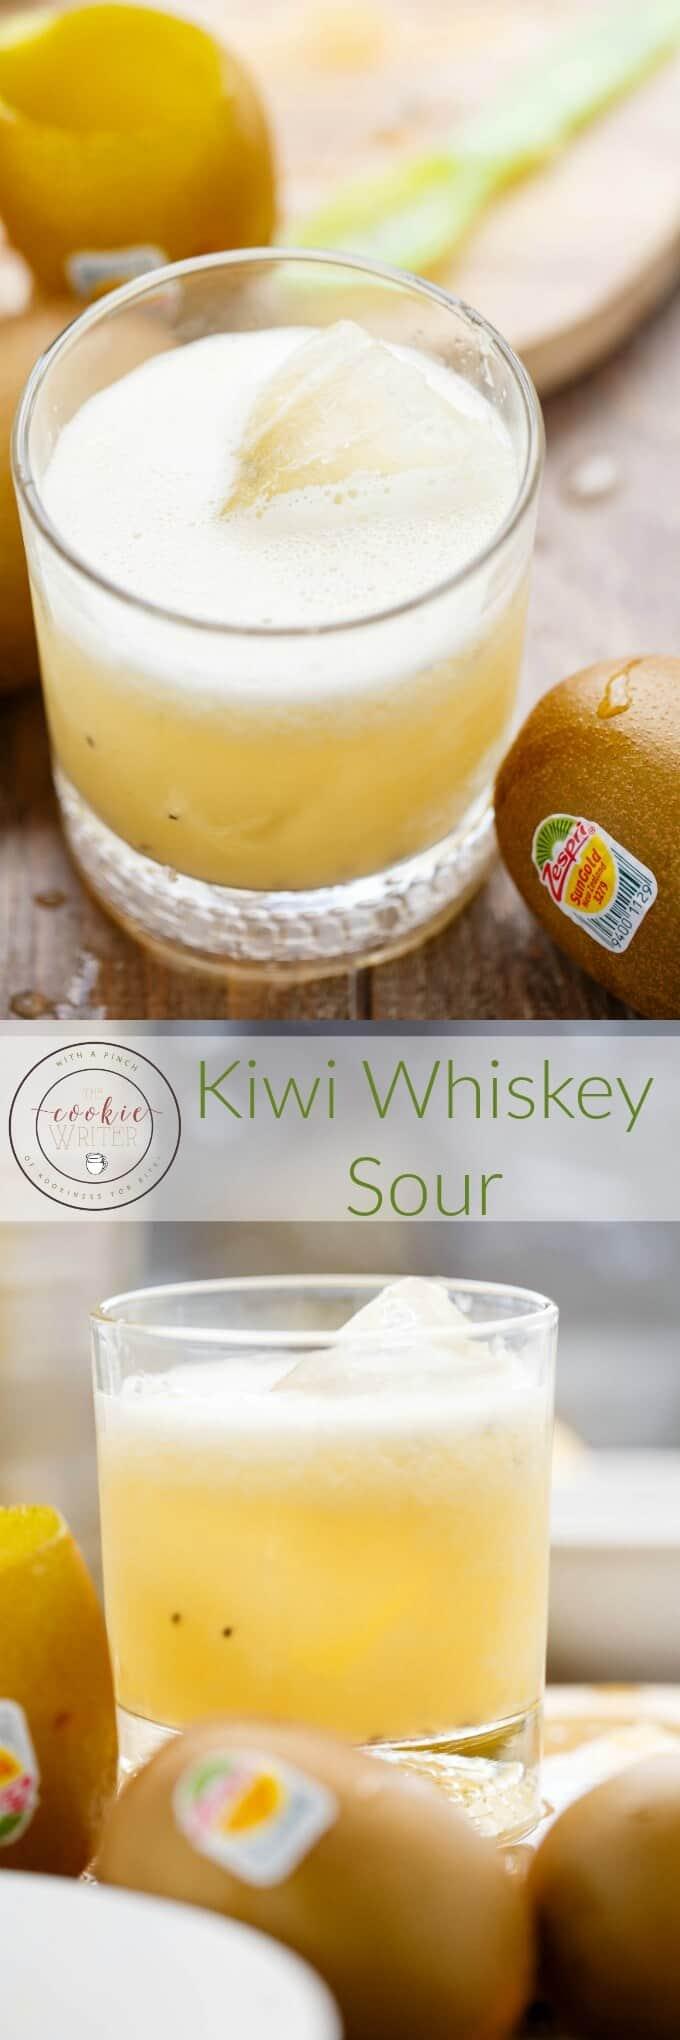 Kiwi Whiskey Sour